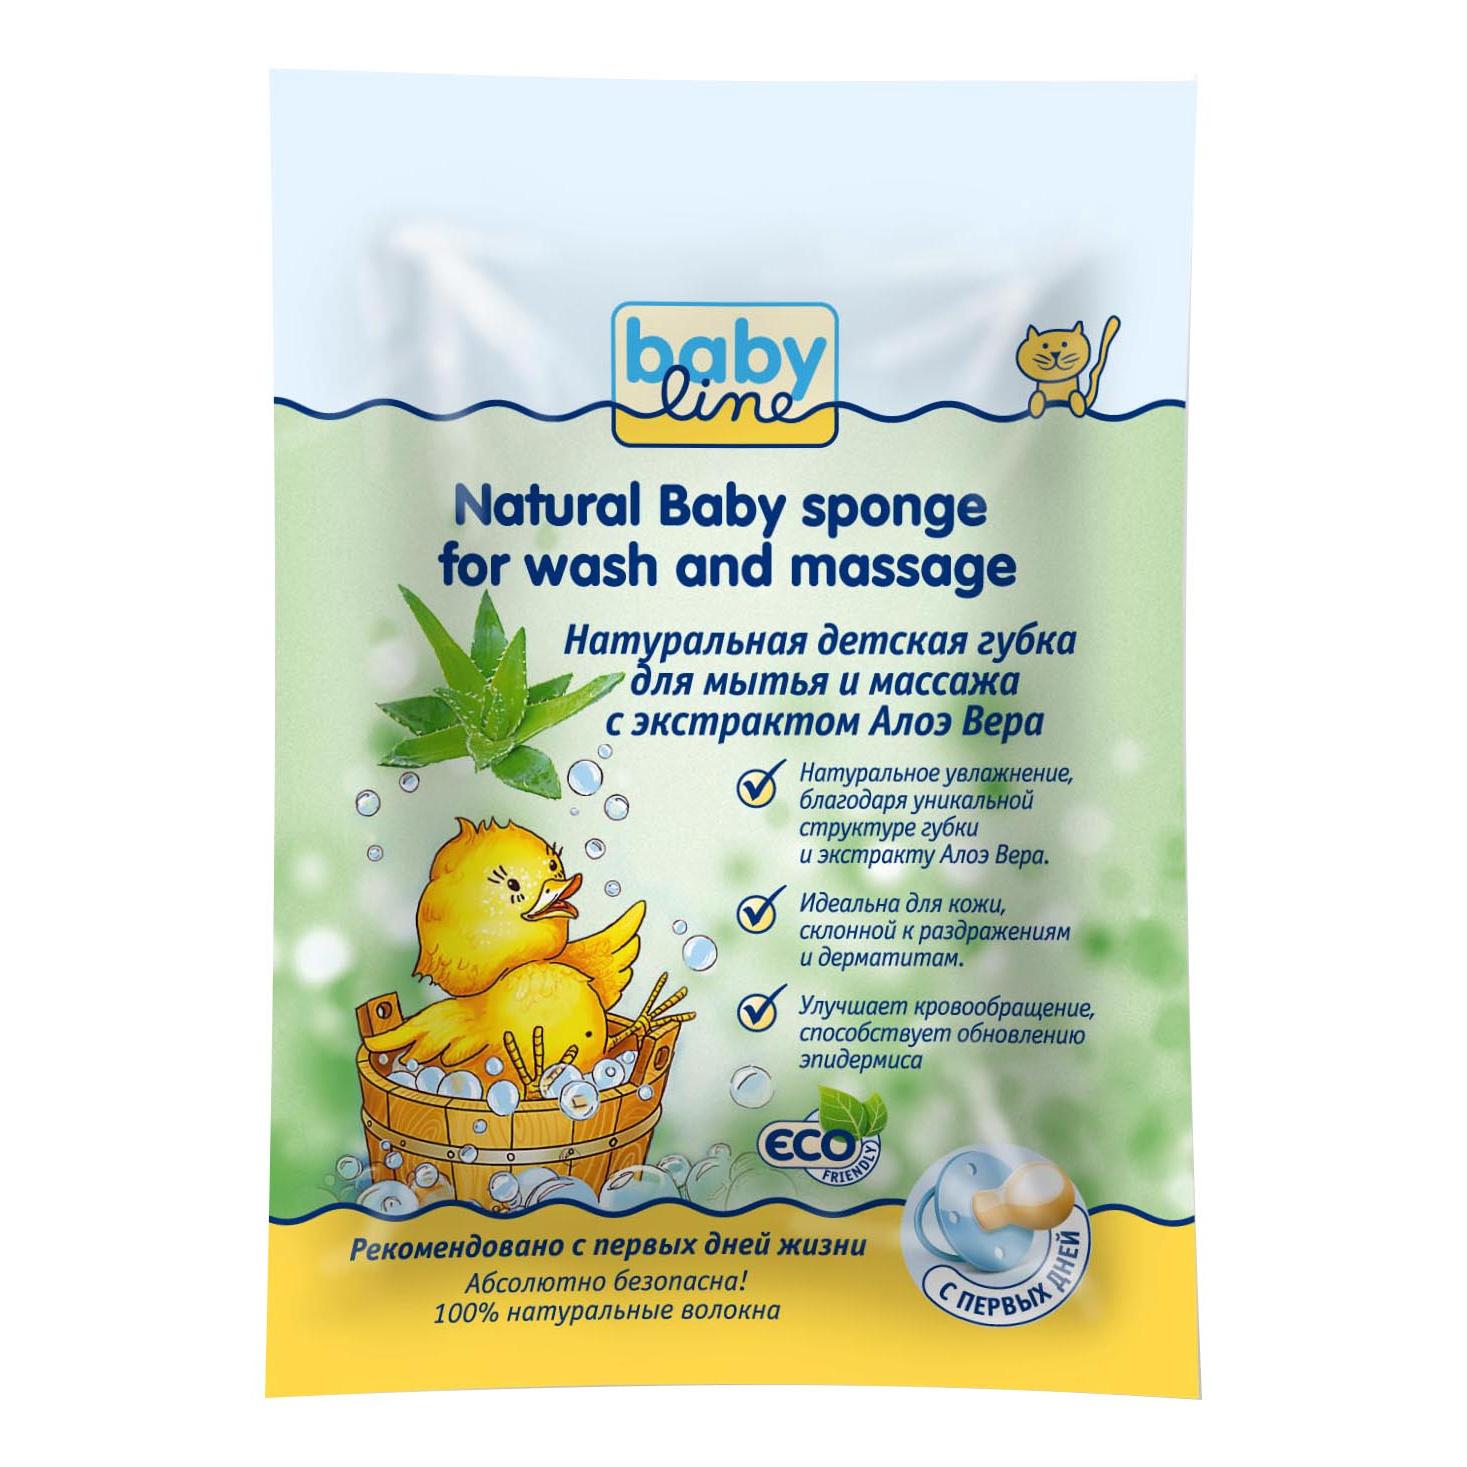 Натуральная детская губка babyline для мытья